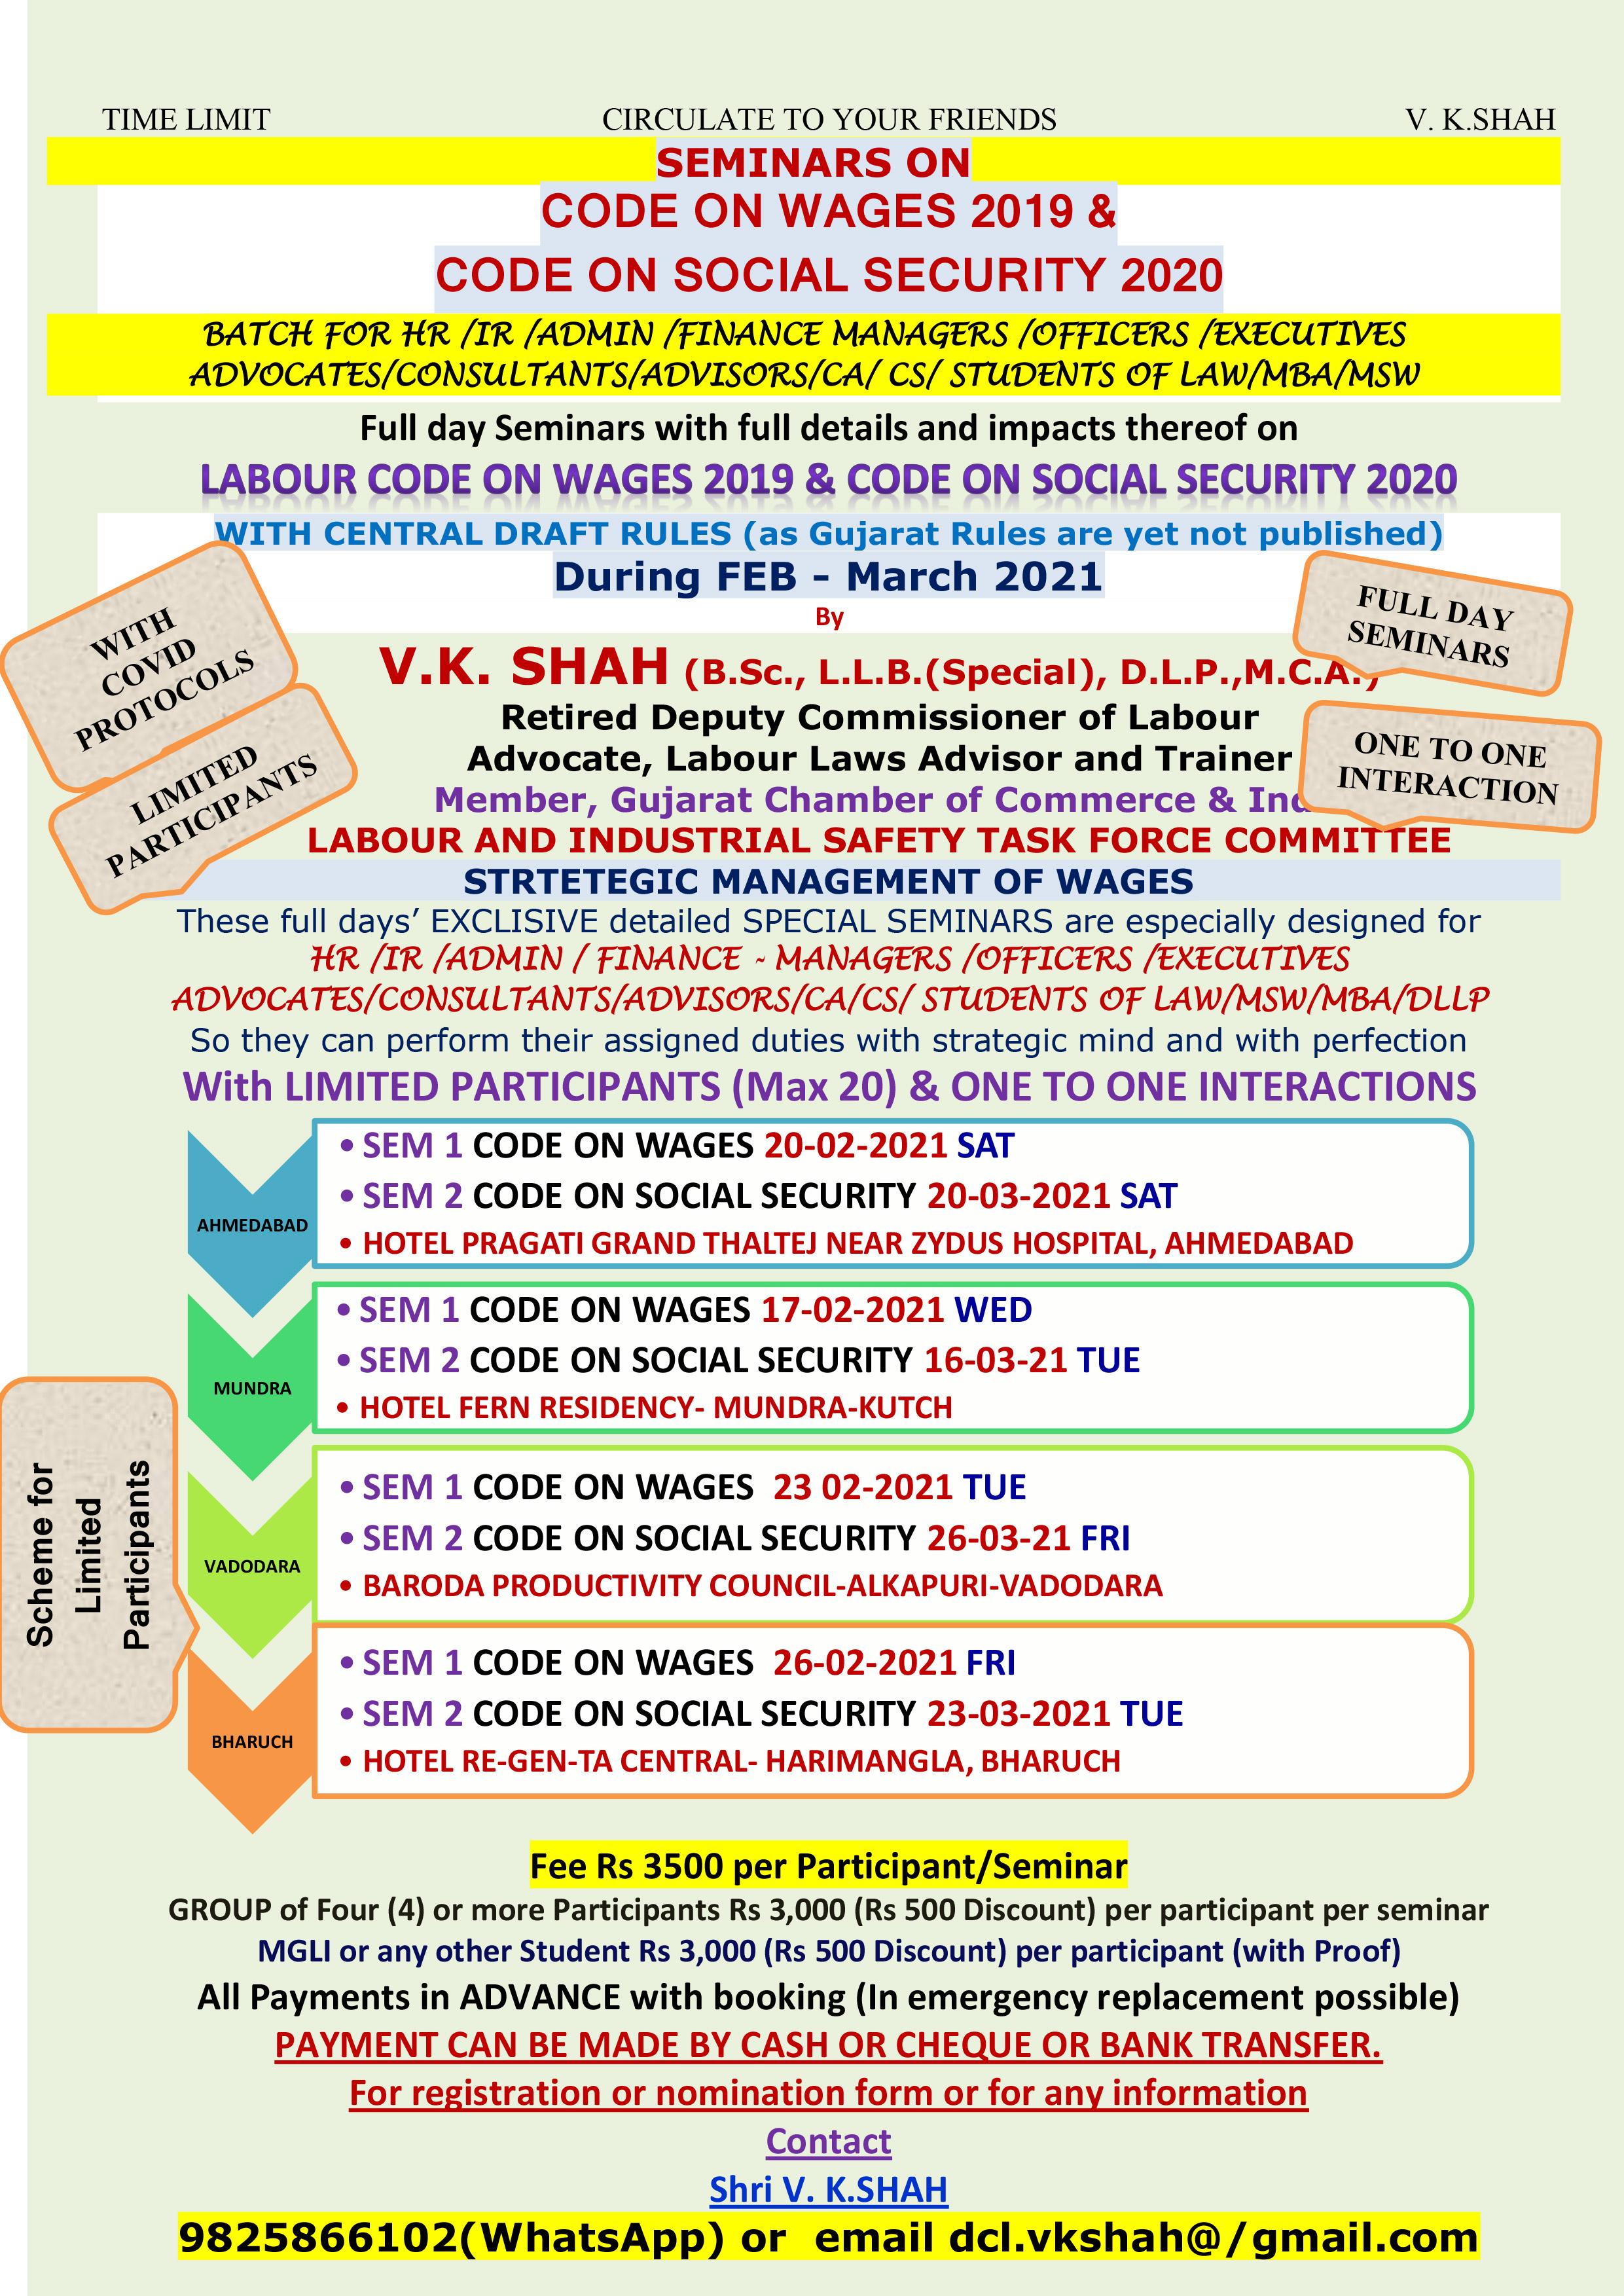 V. K. SHAH & ASSOCIATES